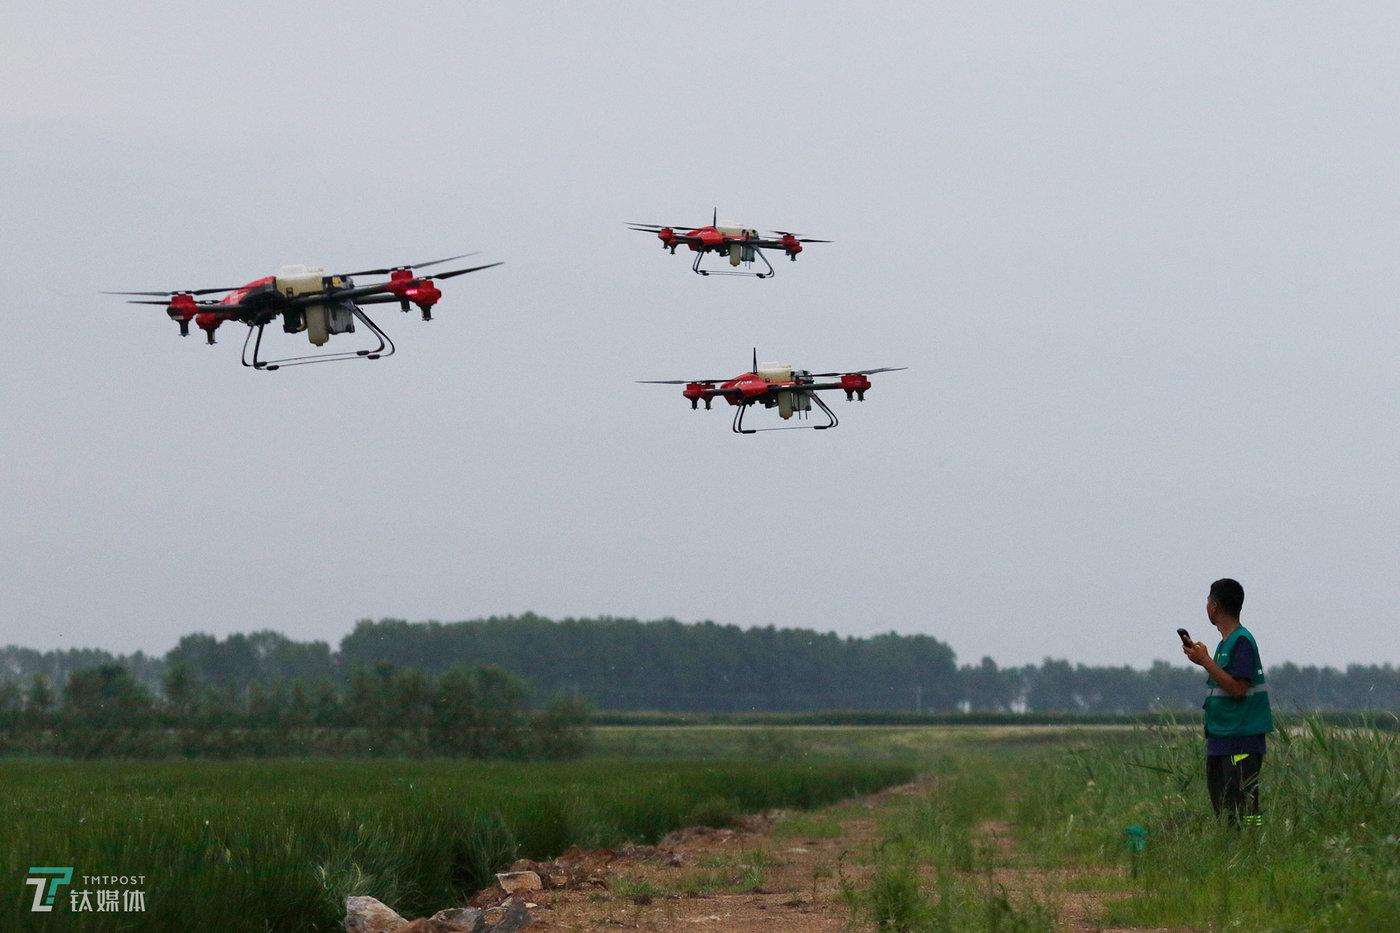 任维新向钛媒体《在线》展示同时操控三台植保无人机。最多的时候,他每天要完成100垧(15亩=1垧)地的喷洒作业,为此他雇佣了两名帮手,但还是忙不过来,农户通常需要提前两天预约。